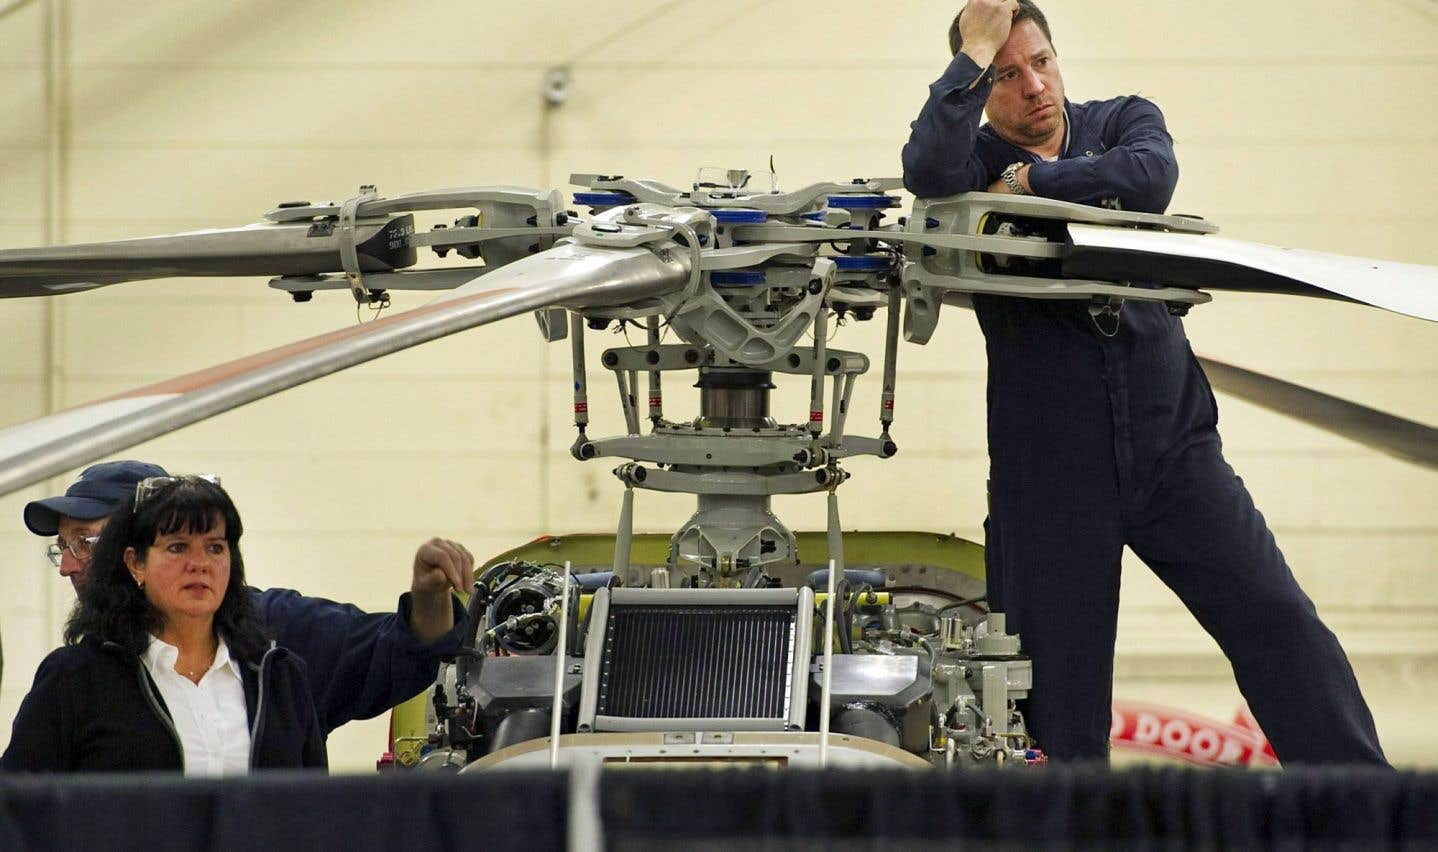 Depuis cinq ans, le nombre d'employés de Bell Helicopter à son usine de Mirabel est passé de 2000 à moins de 1000. Jeudi, la ministre de l'Économie, Dominique Anglade, s'est déplacée jusqu'à l'usine pour souligner l'embauche d'une centaine de travailleurs.